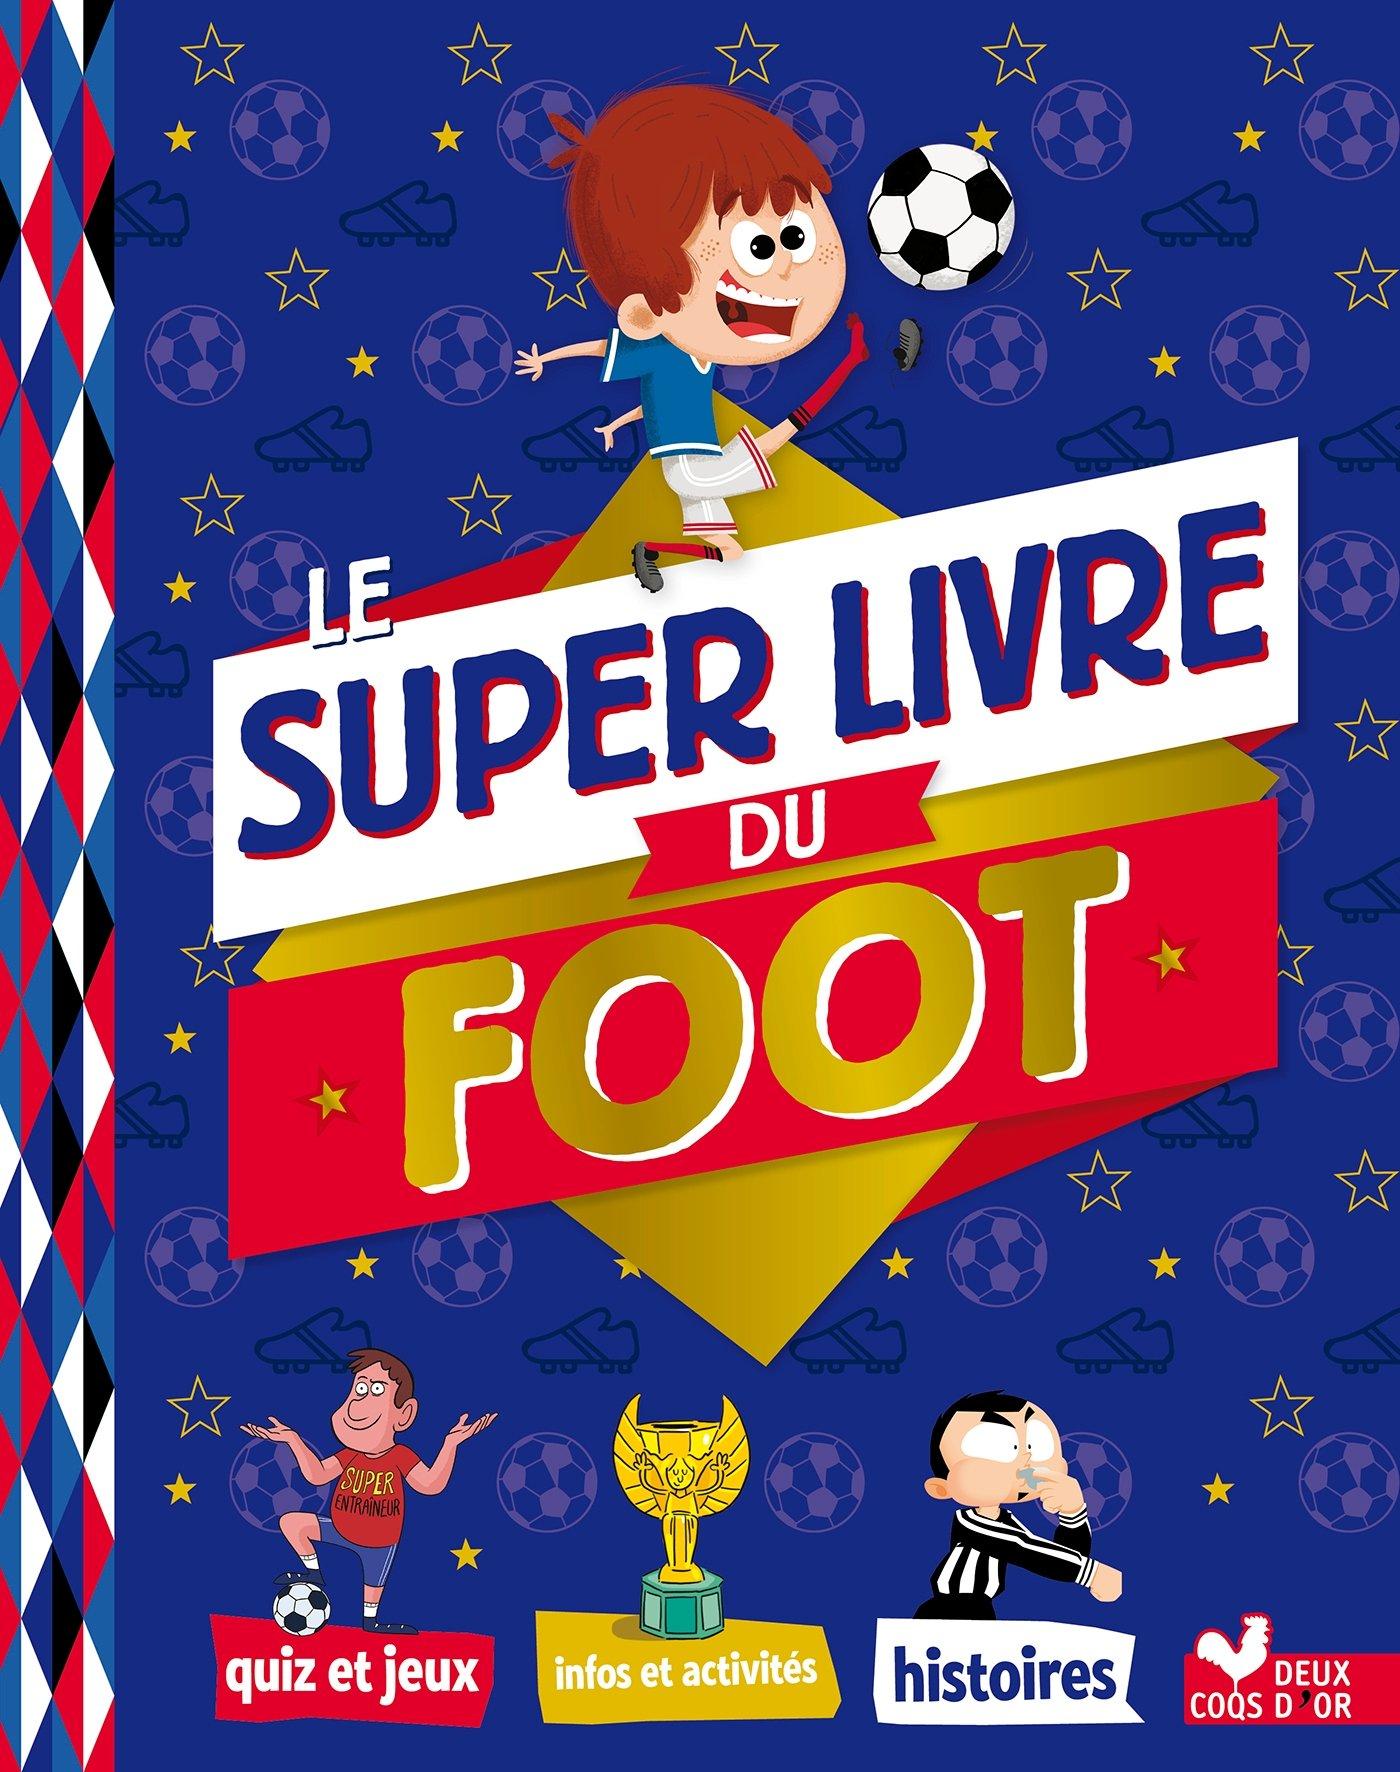 Le super livre du foot por Willy Richert